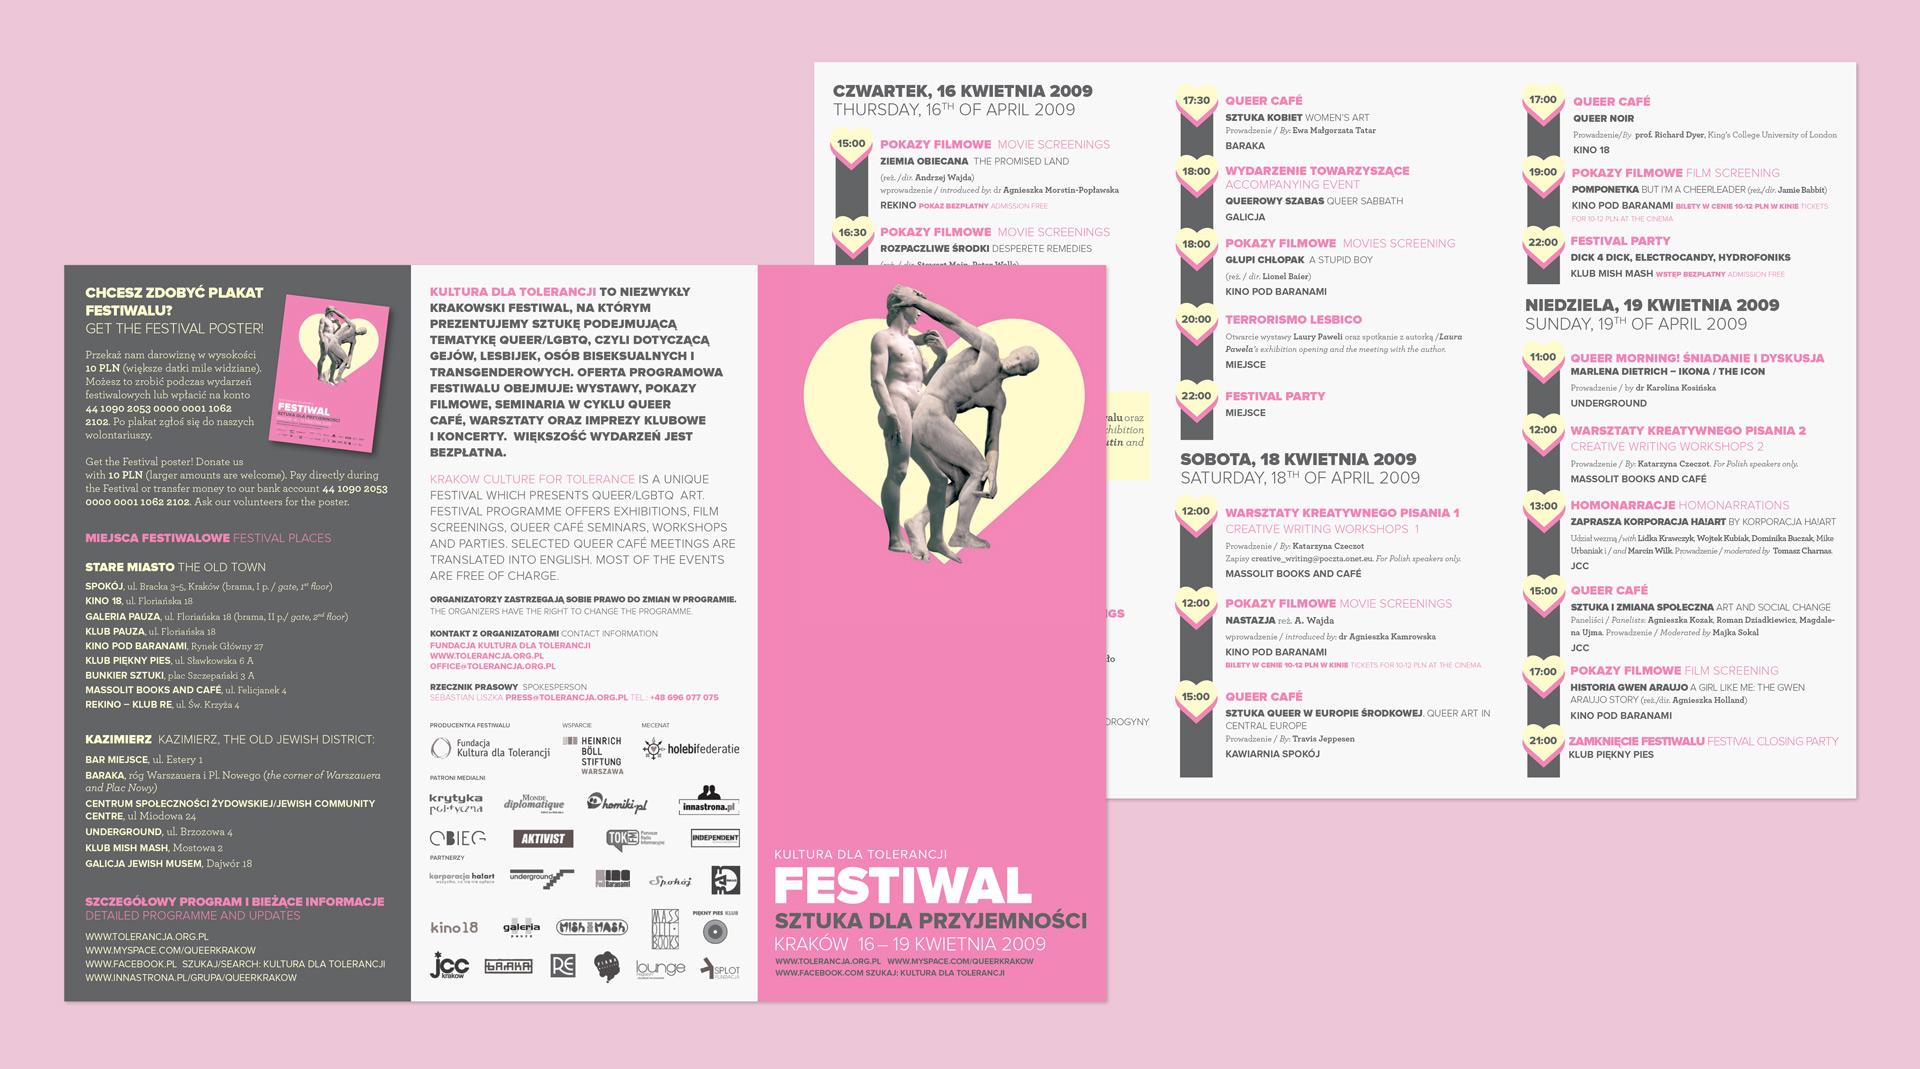 Mario Dzurila Festival Identity Krakow Cracow Culture Tolerance Movie Art Queer